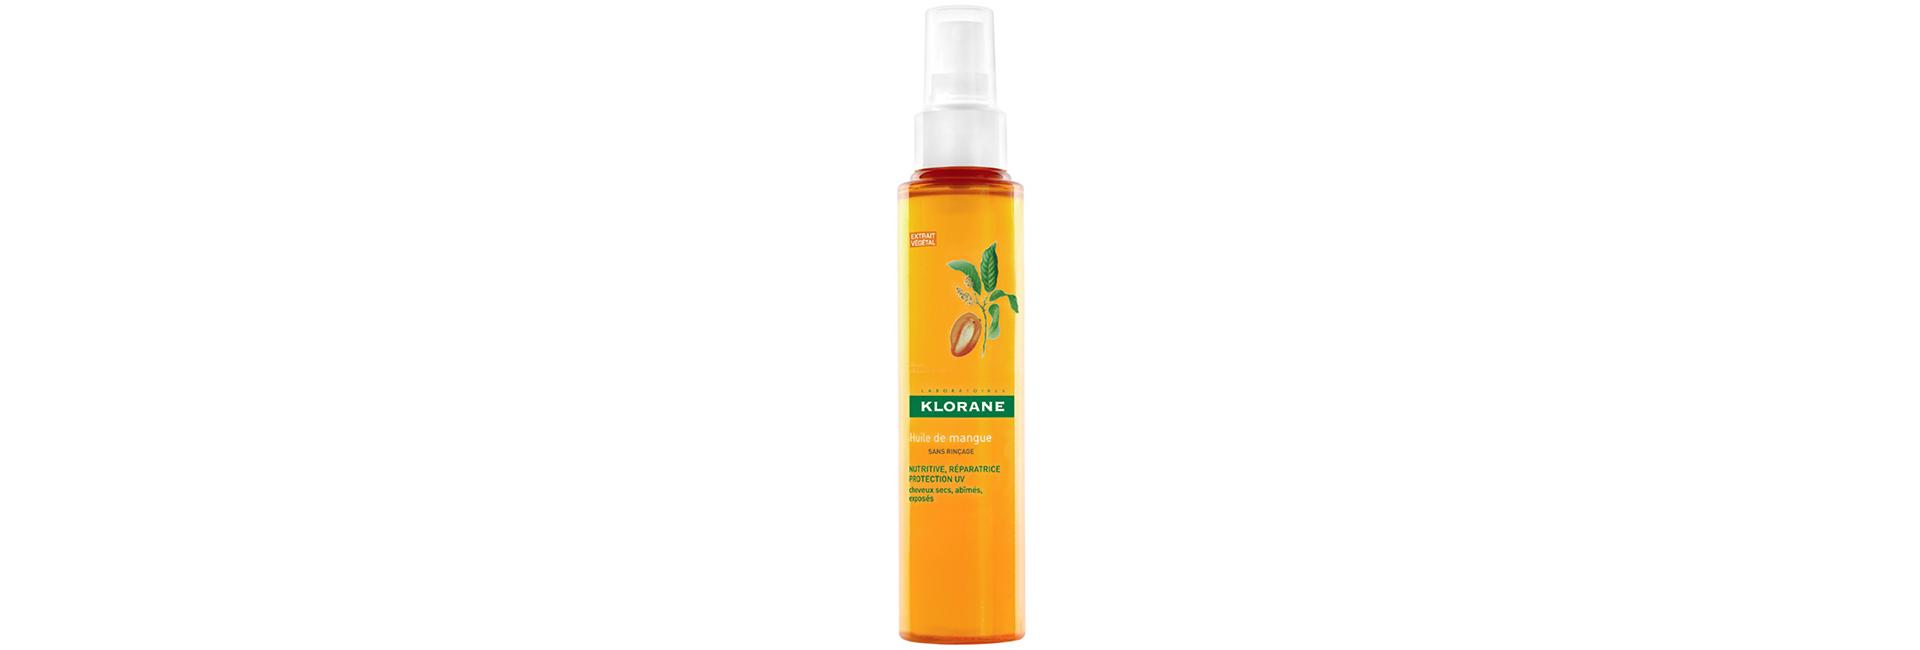 huile-de-mangue-sans-rincage-klorane-blog-beaute-soin-parfum-homme